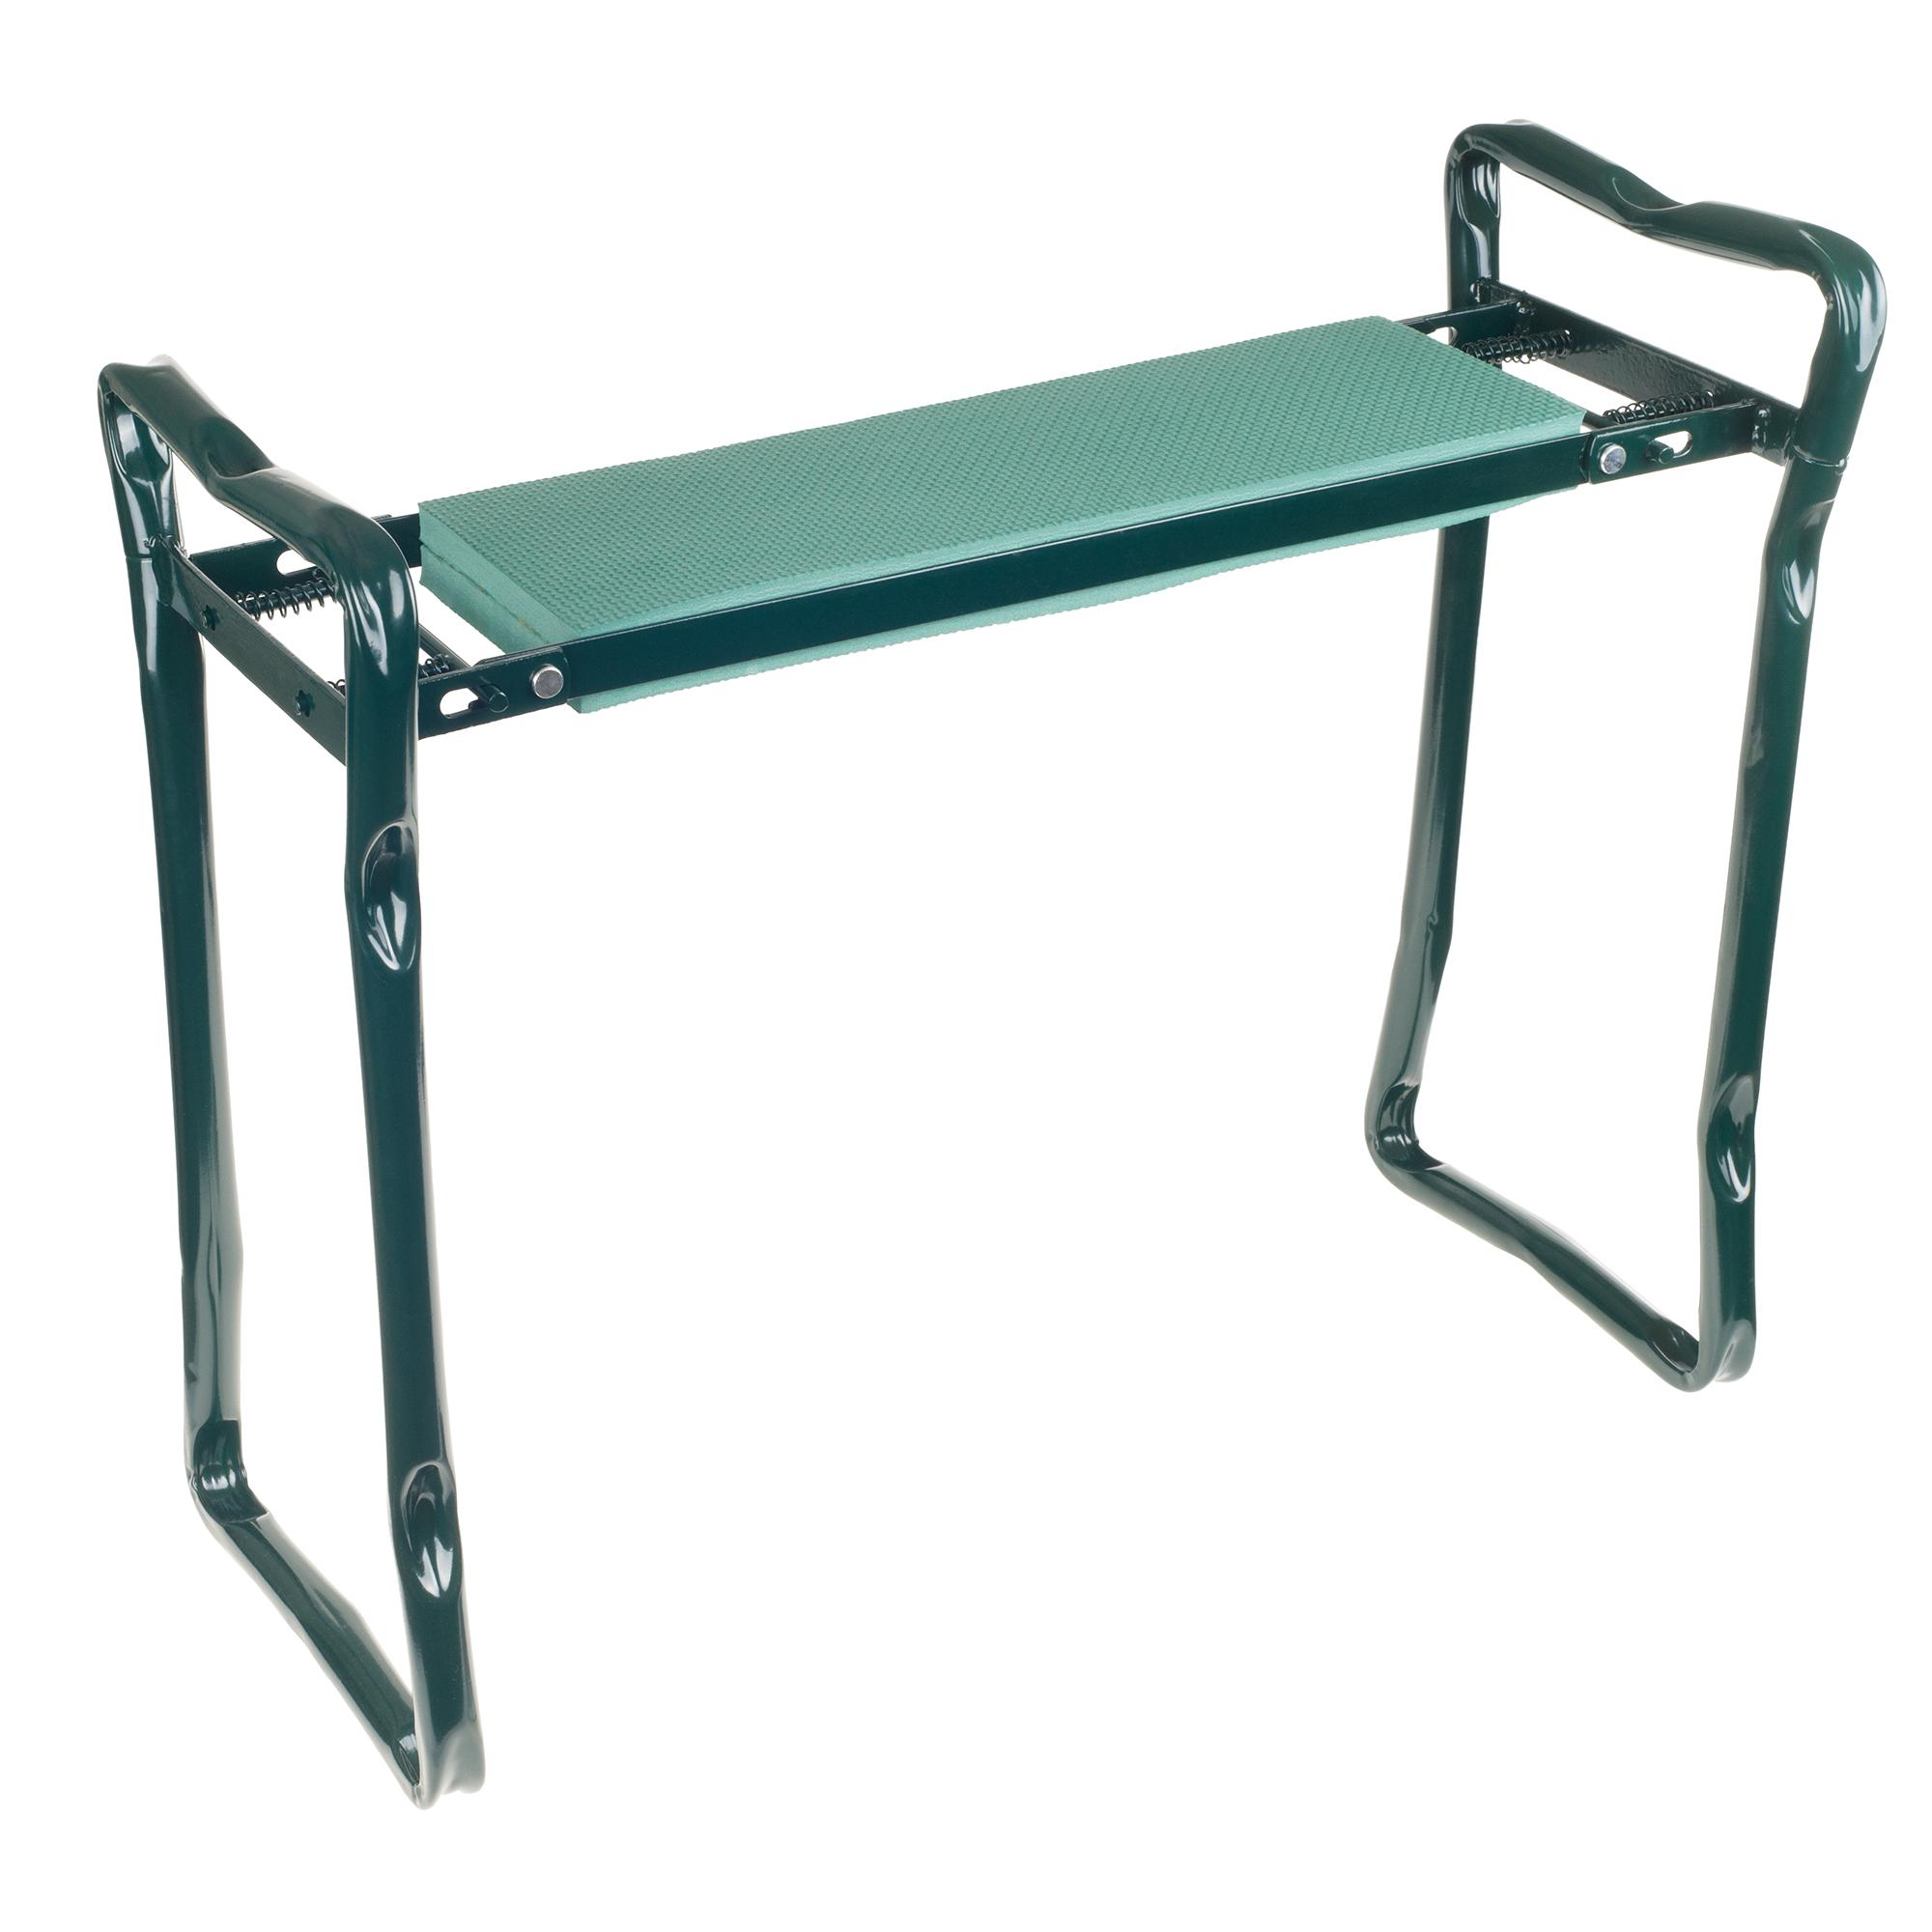 Pure Garden Foldable Garden Bench